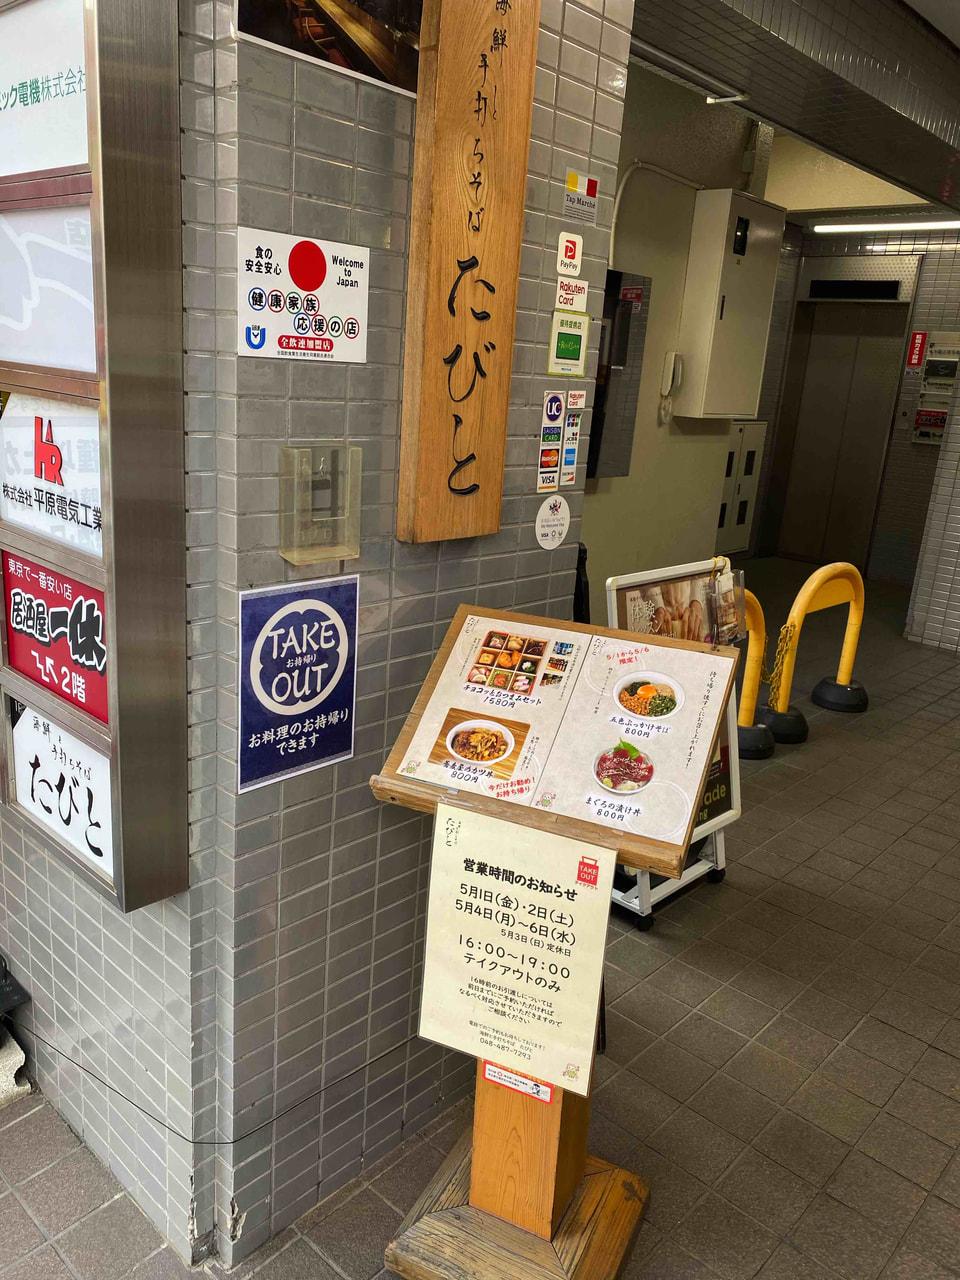 海鮮と手打ちそば たびと(志木市新座市)のテイクアウトできるお弁当